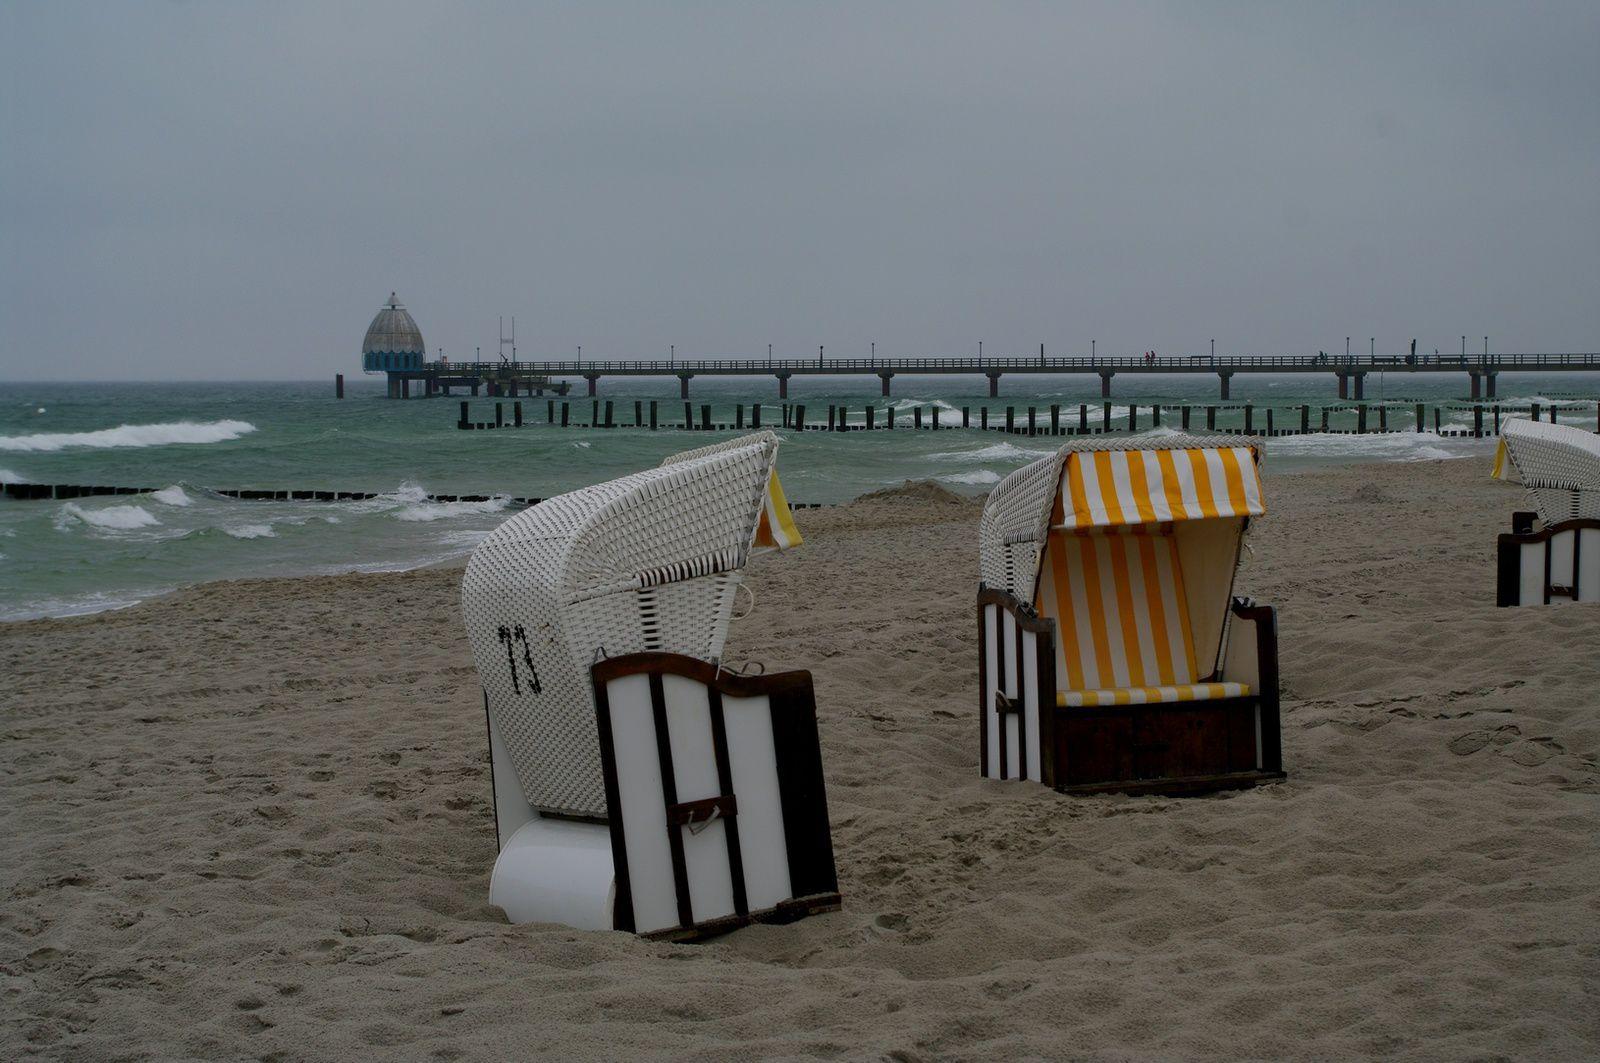 la plage est déserte !!! brrrr !